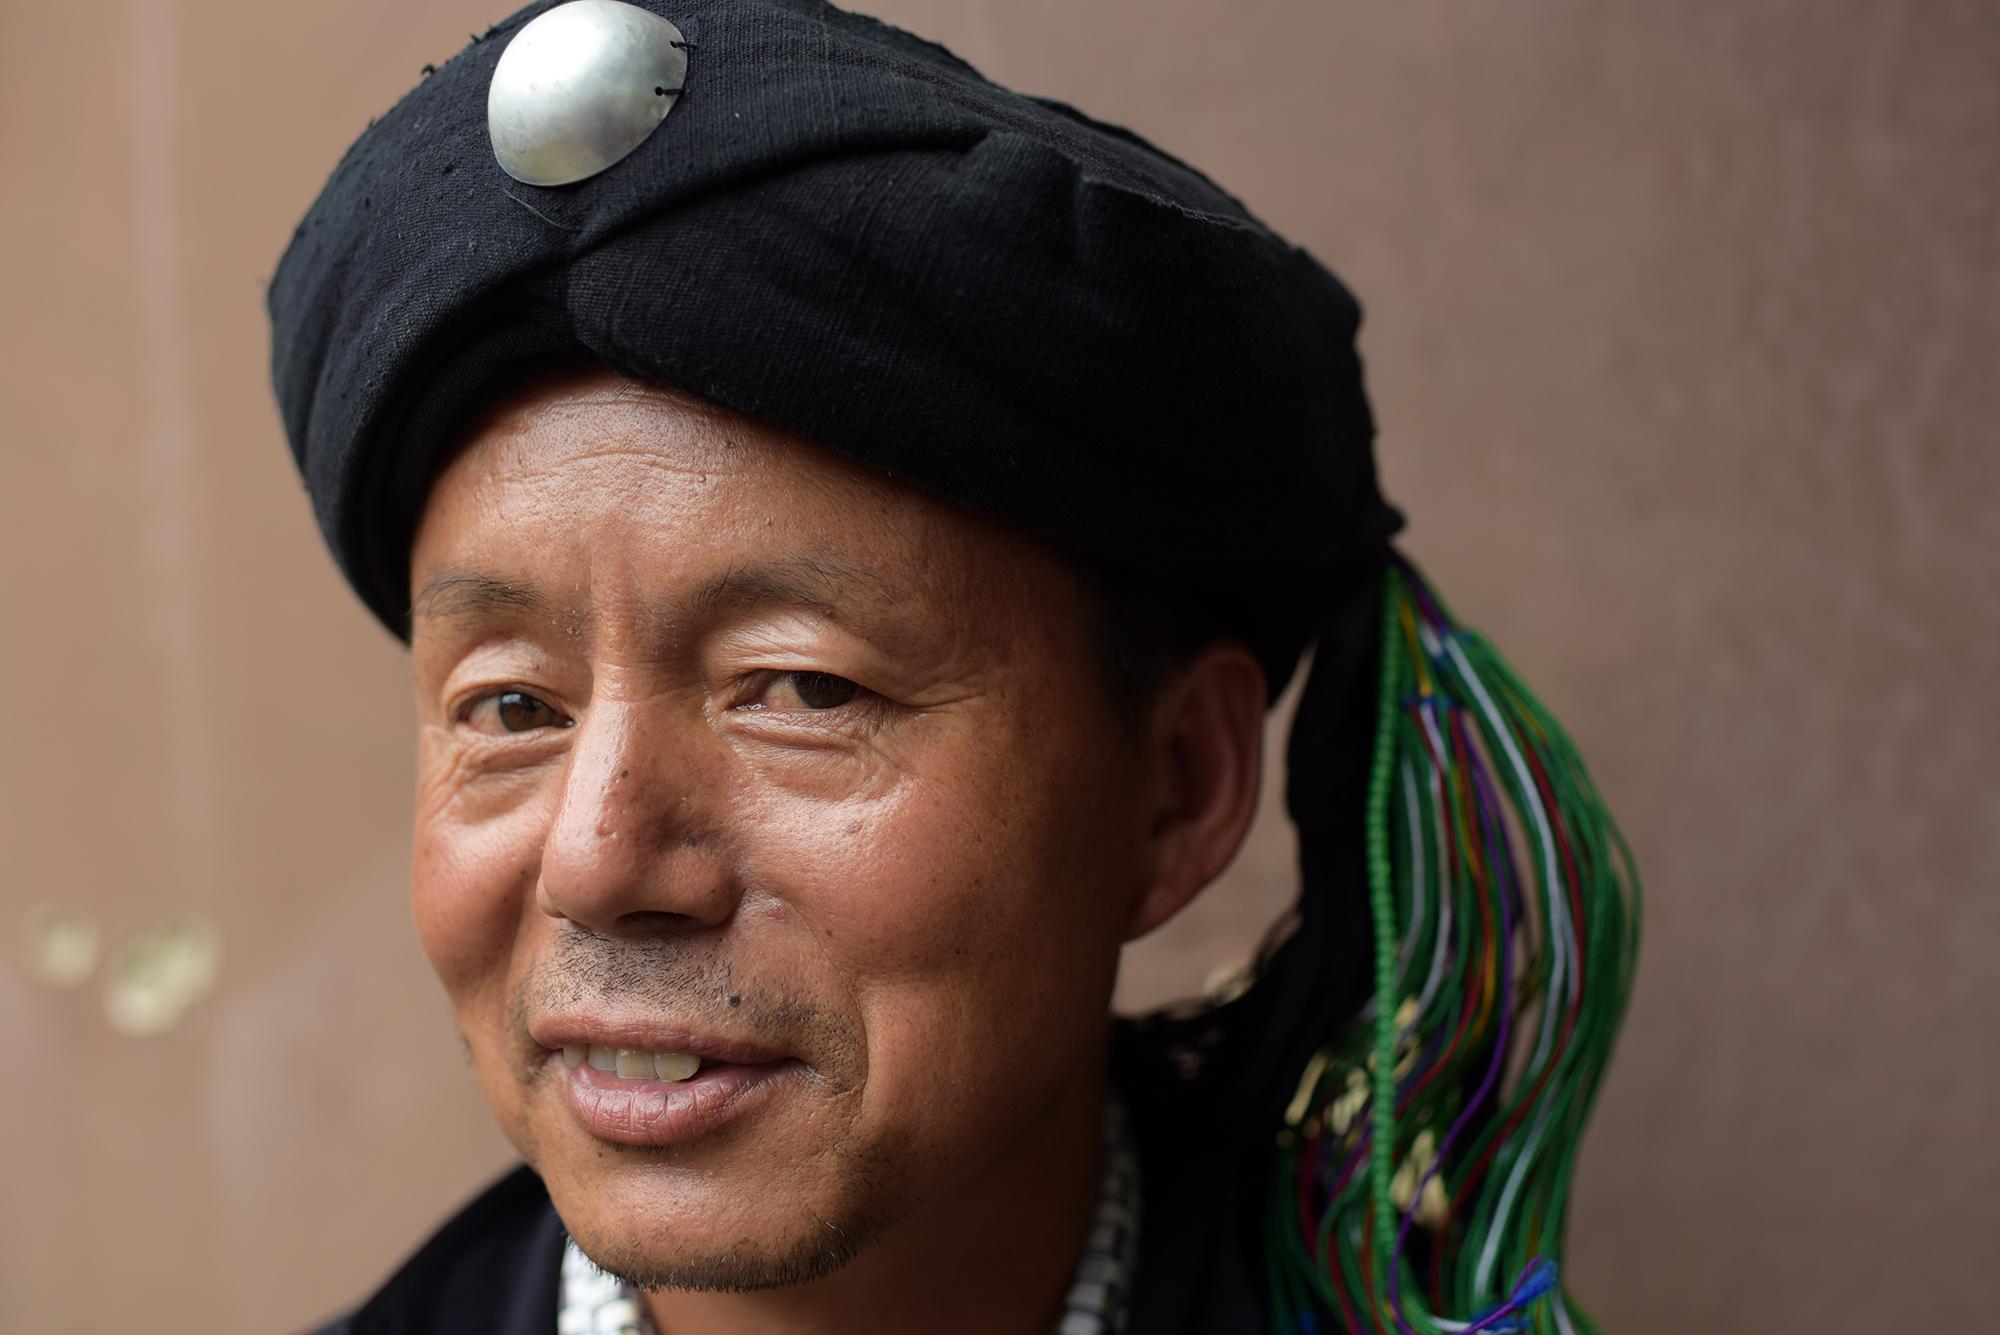 Bai Jin Bao